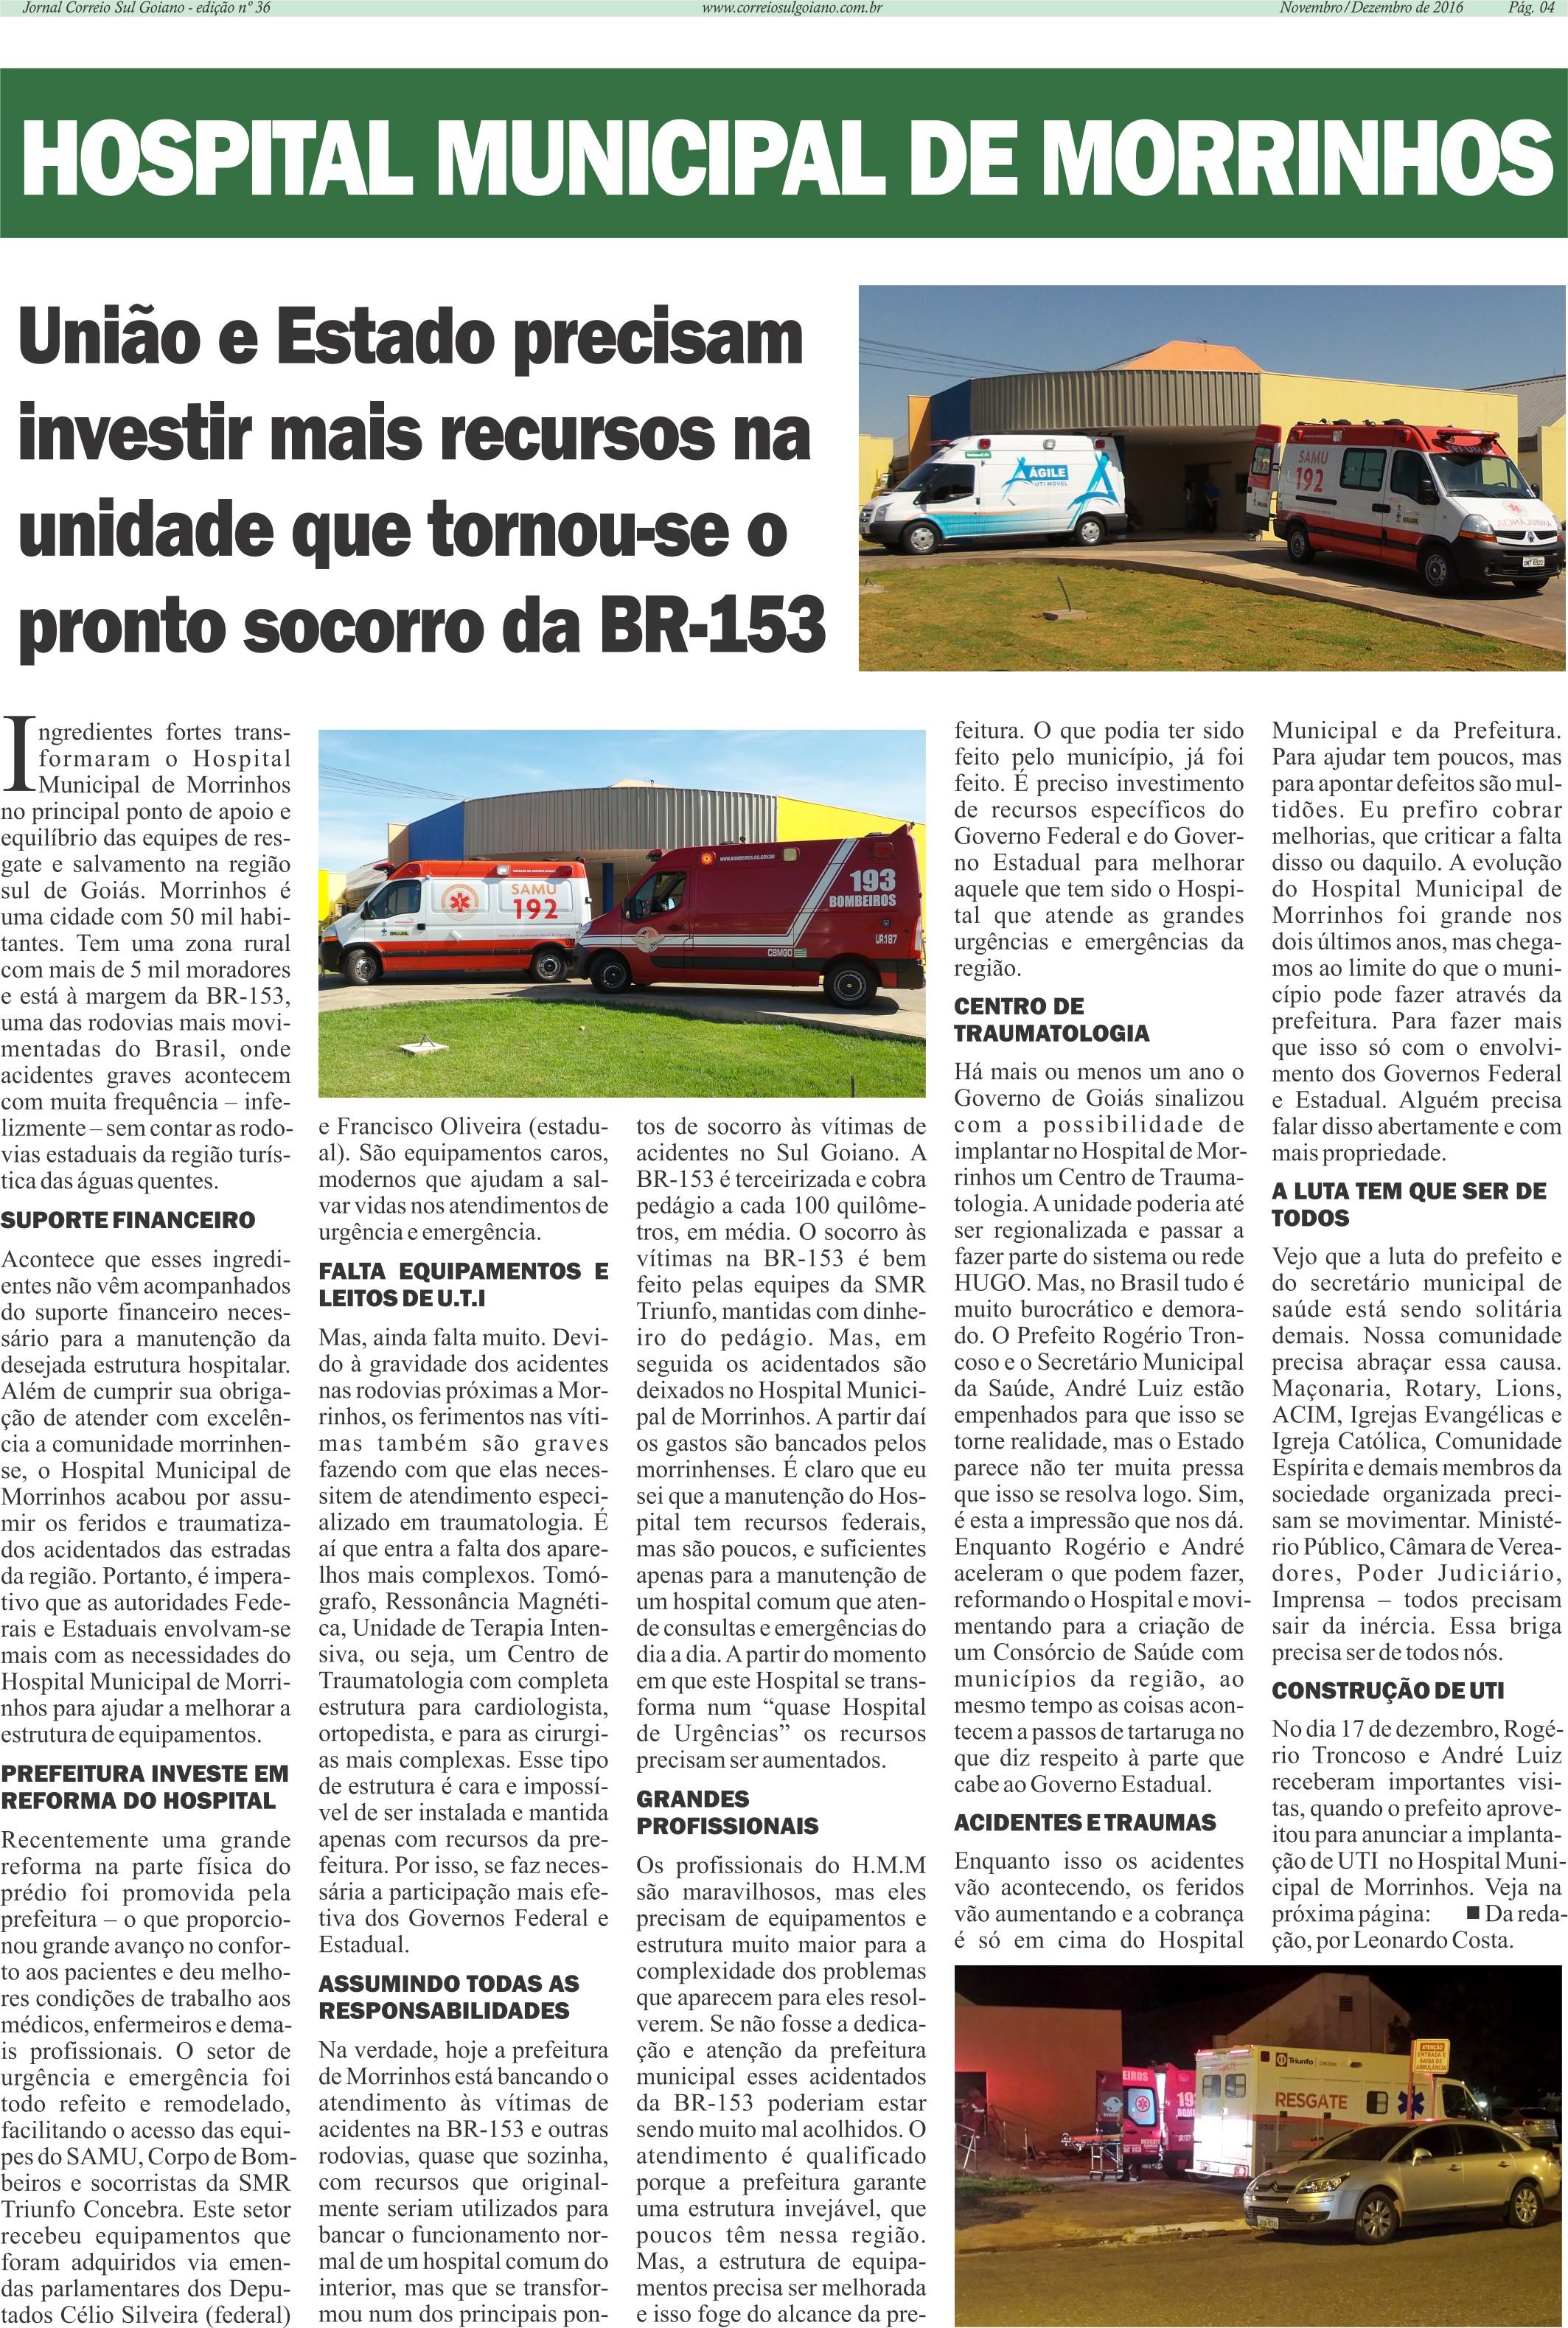 Edição nº 036 - Página 04